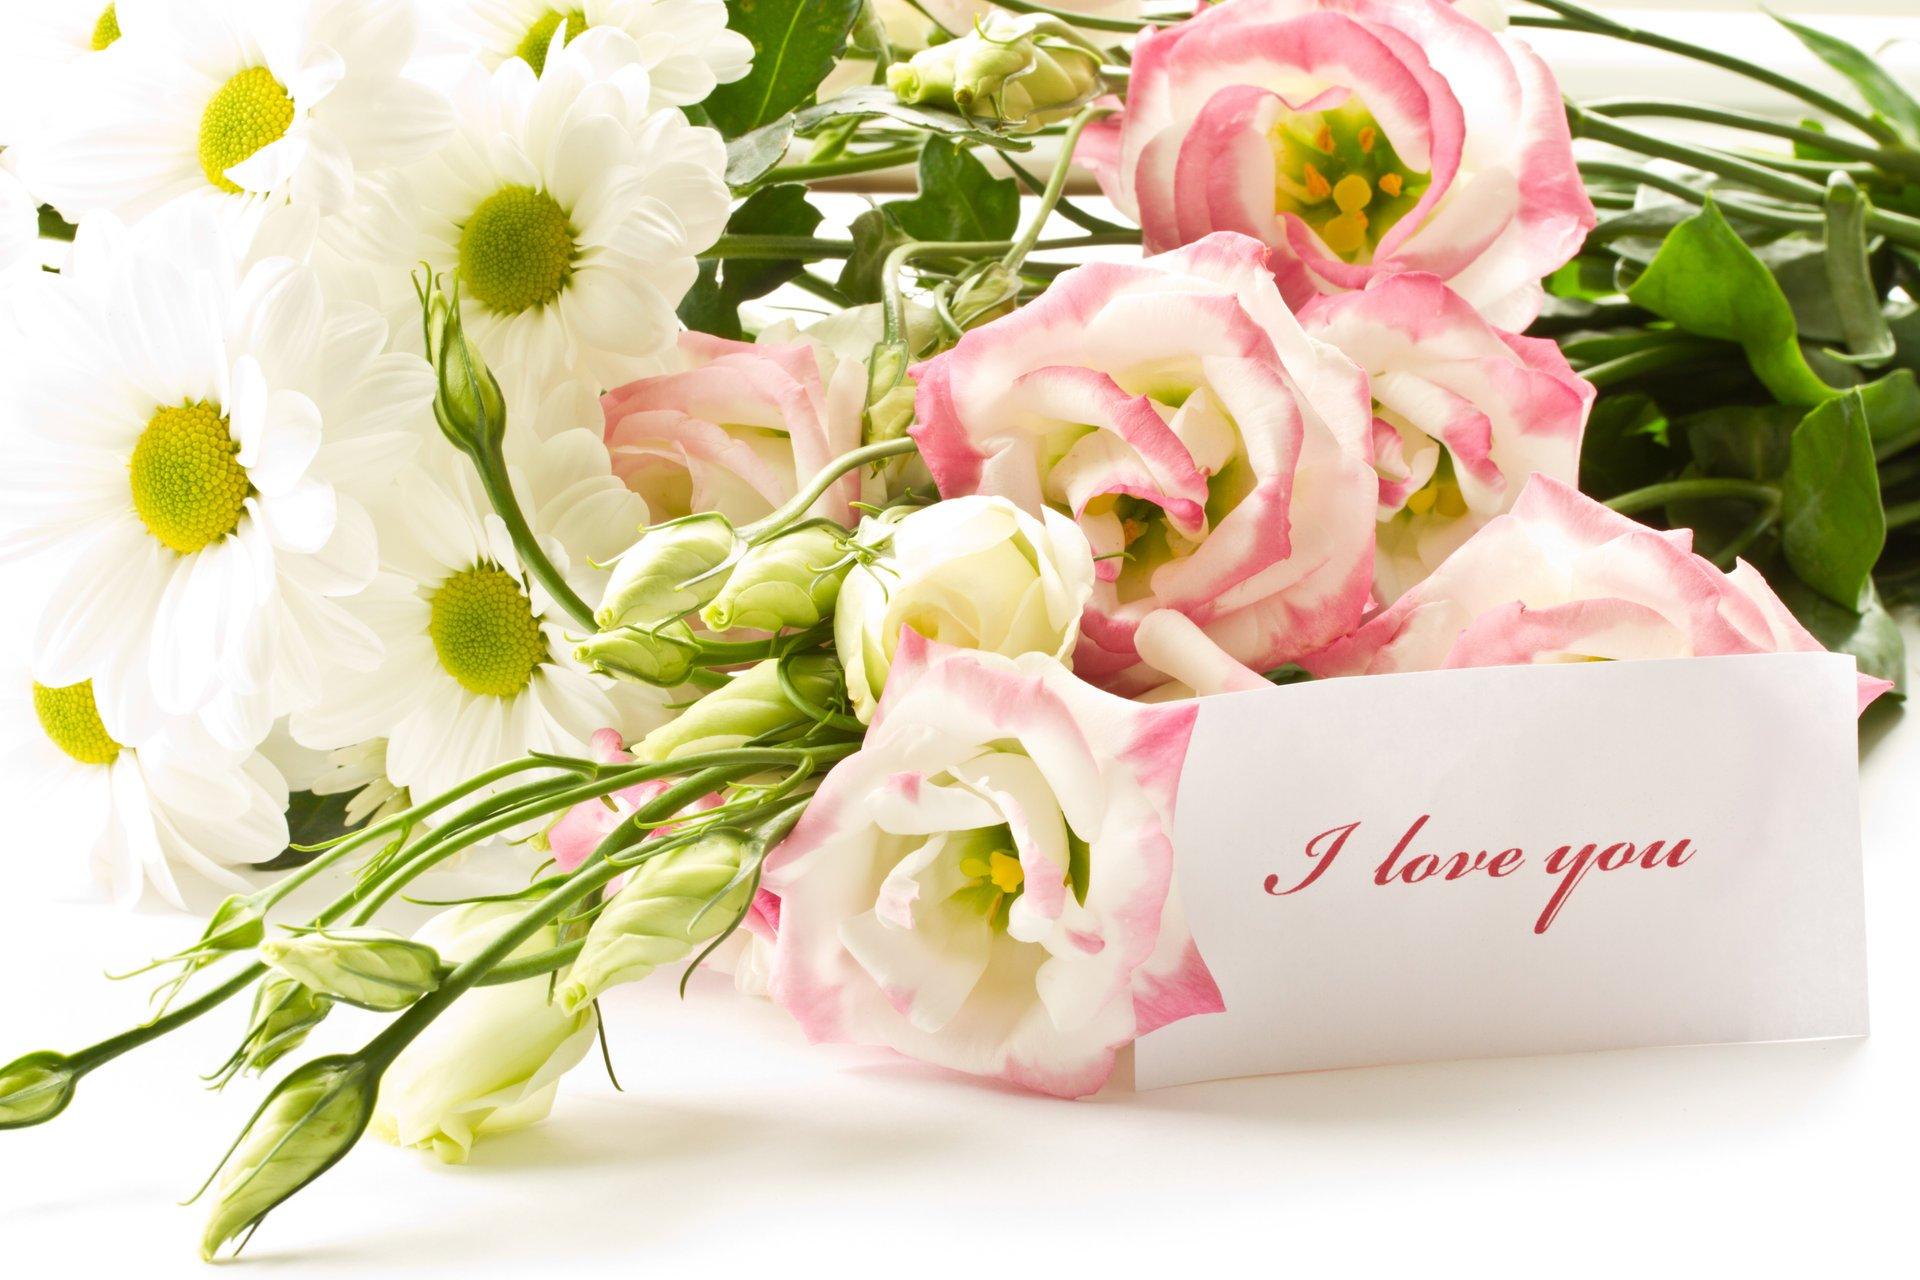 поступления букет цветов в виде открытки воздушными шариками